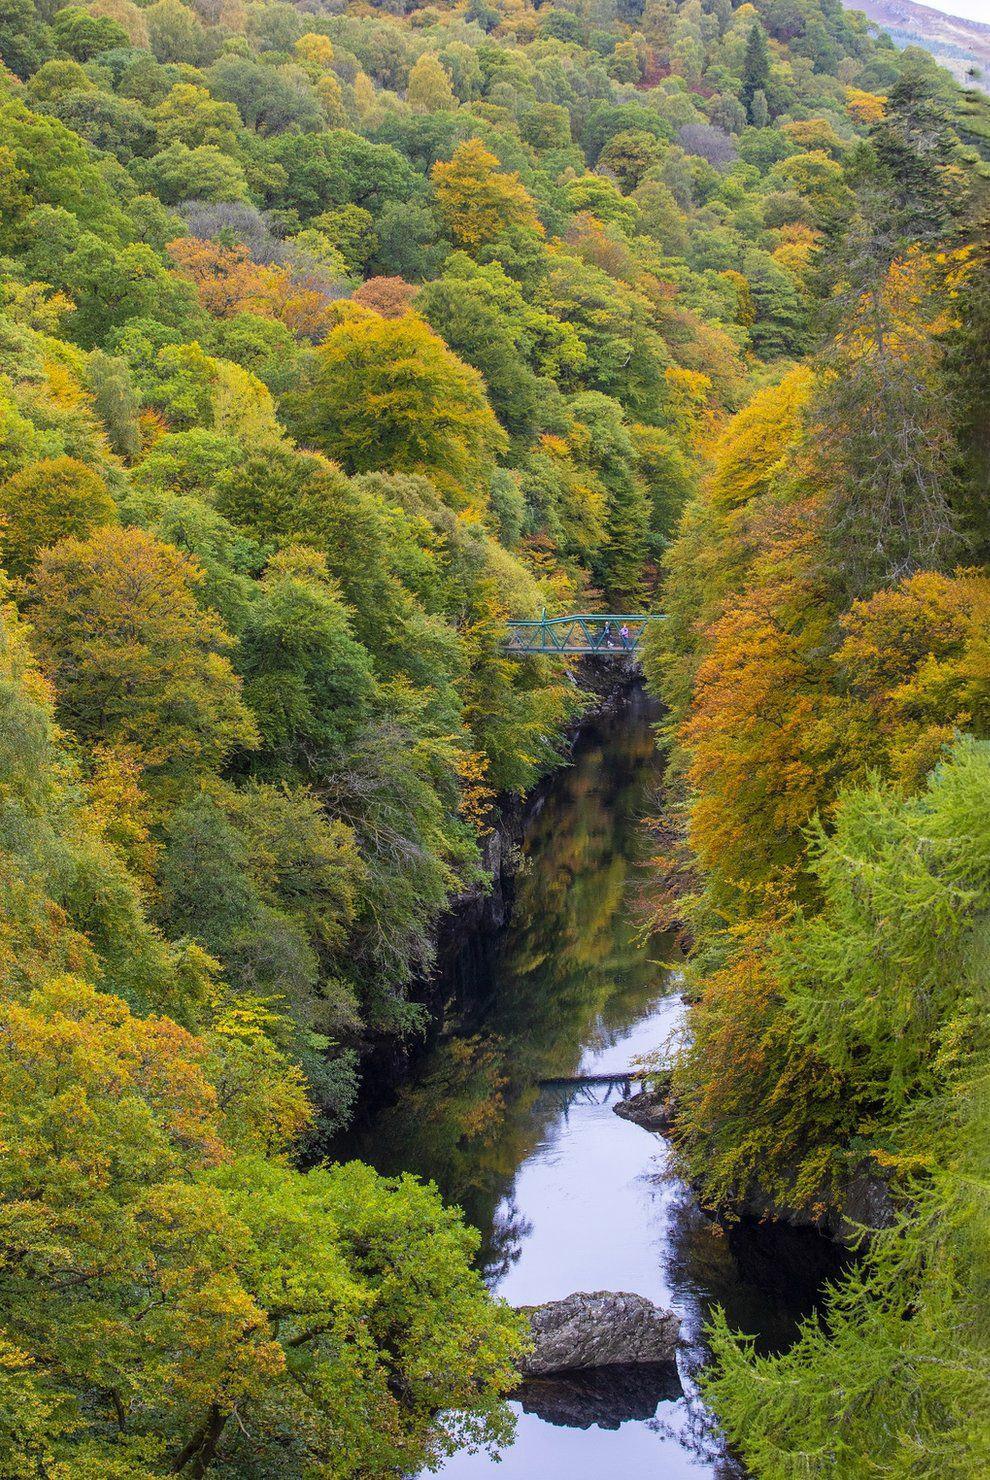 Мост через реку Гарри возле деревни Килликранки, графство Пертшир